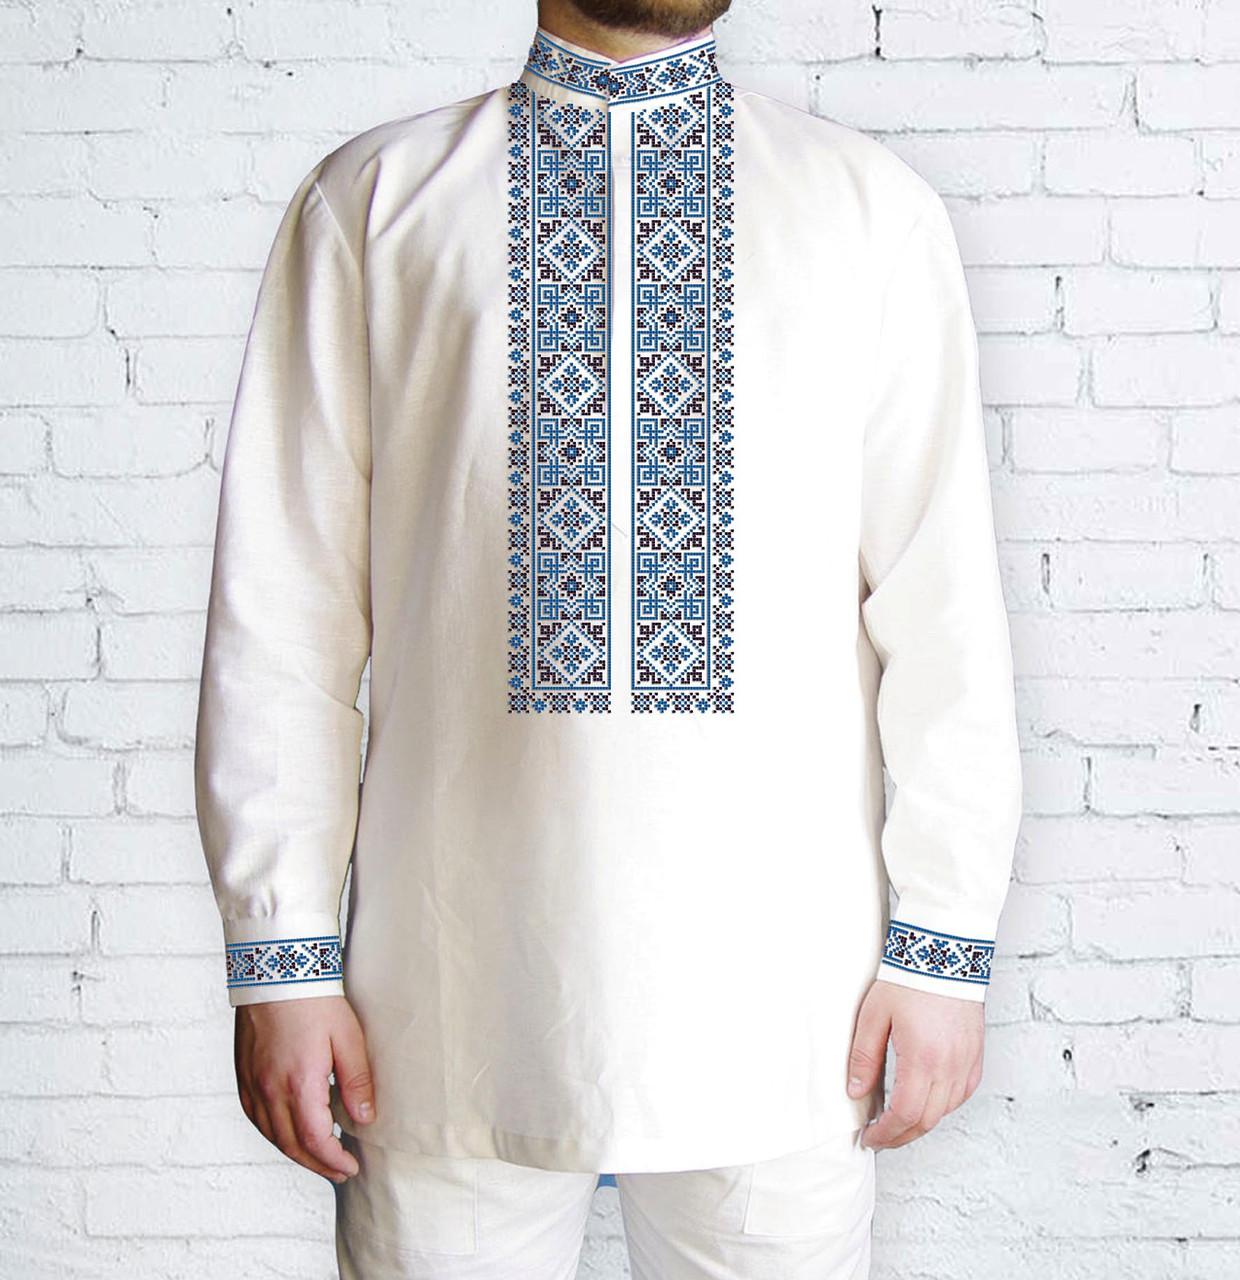 Заготовка чоловічої сорочки та вишиванки для вишивки чи вишивання бісером Бисерок «Орнамент 506 Г» (Ч-506  Г )